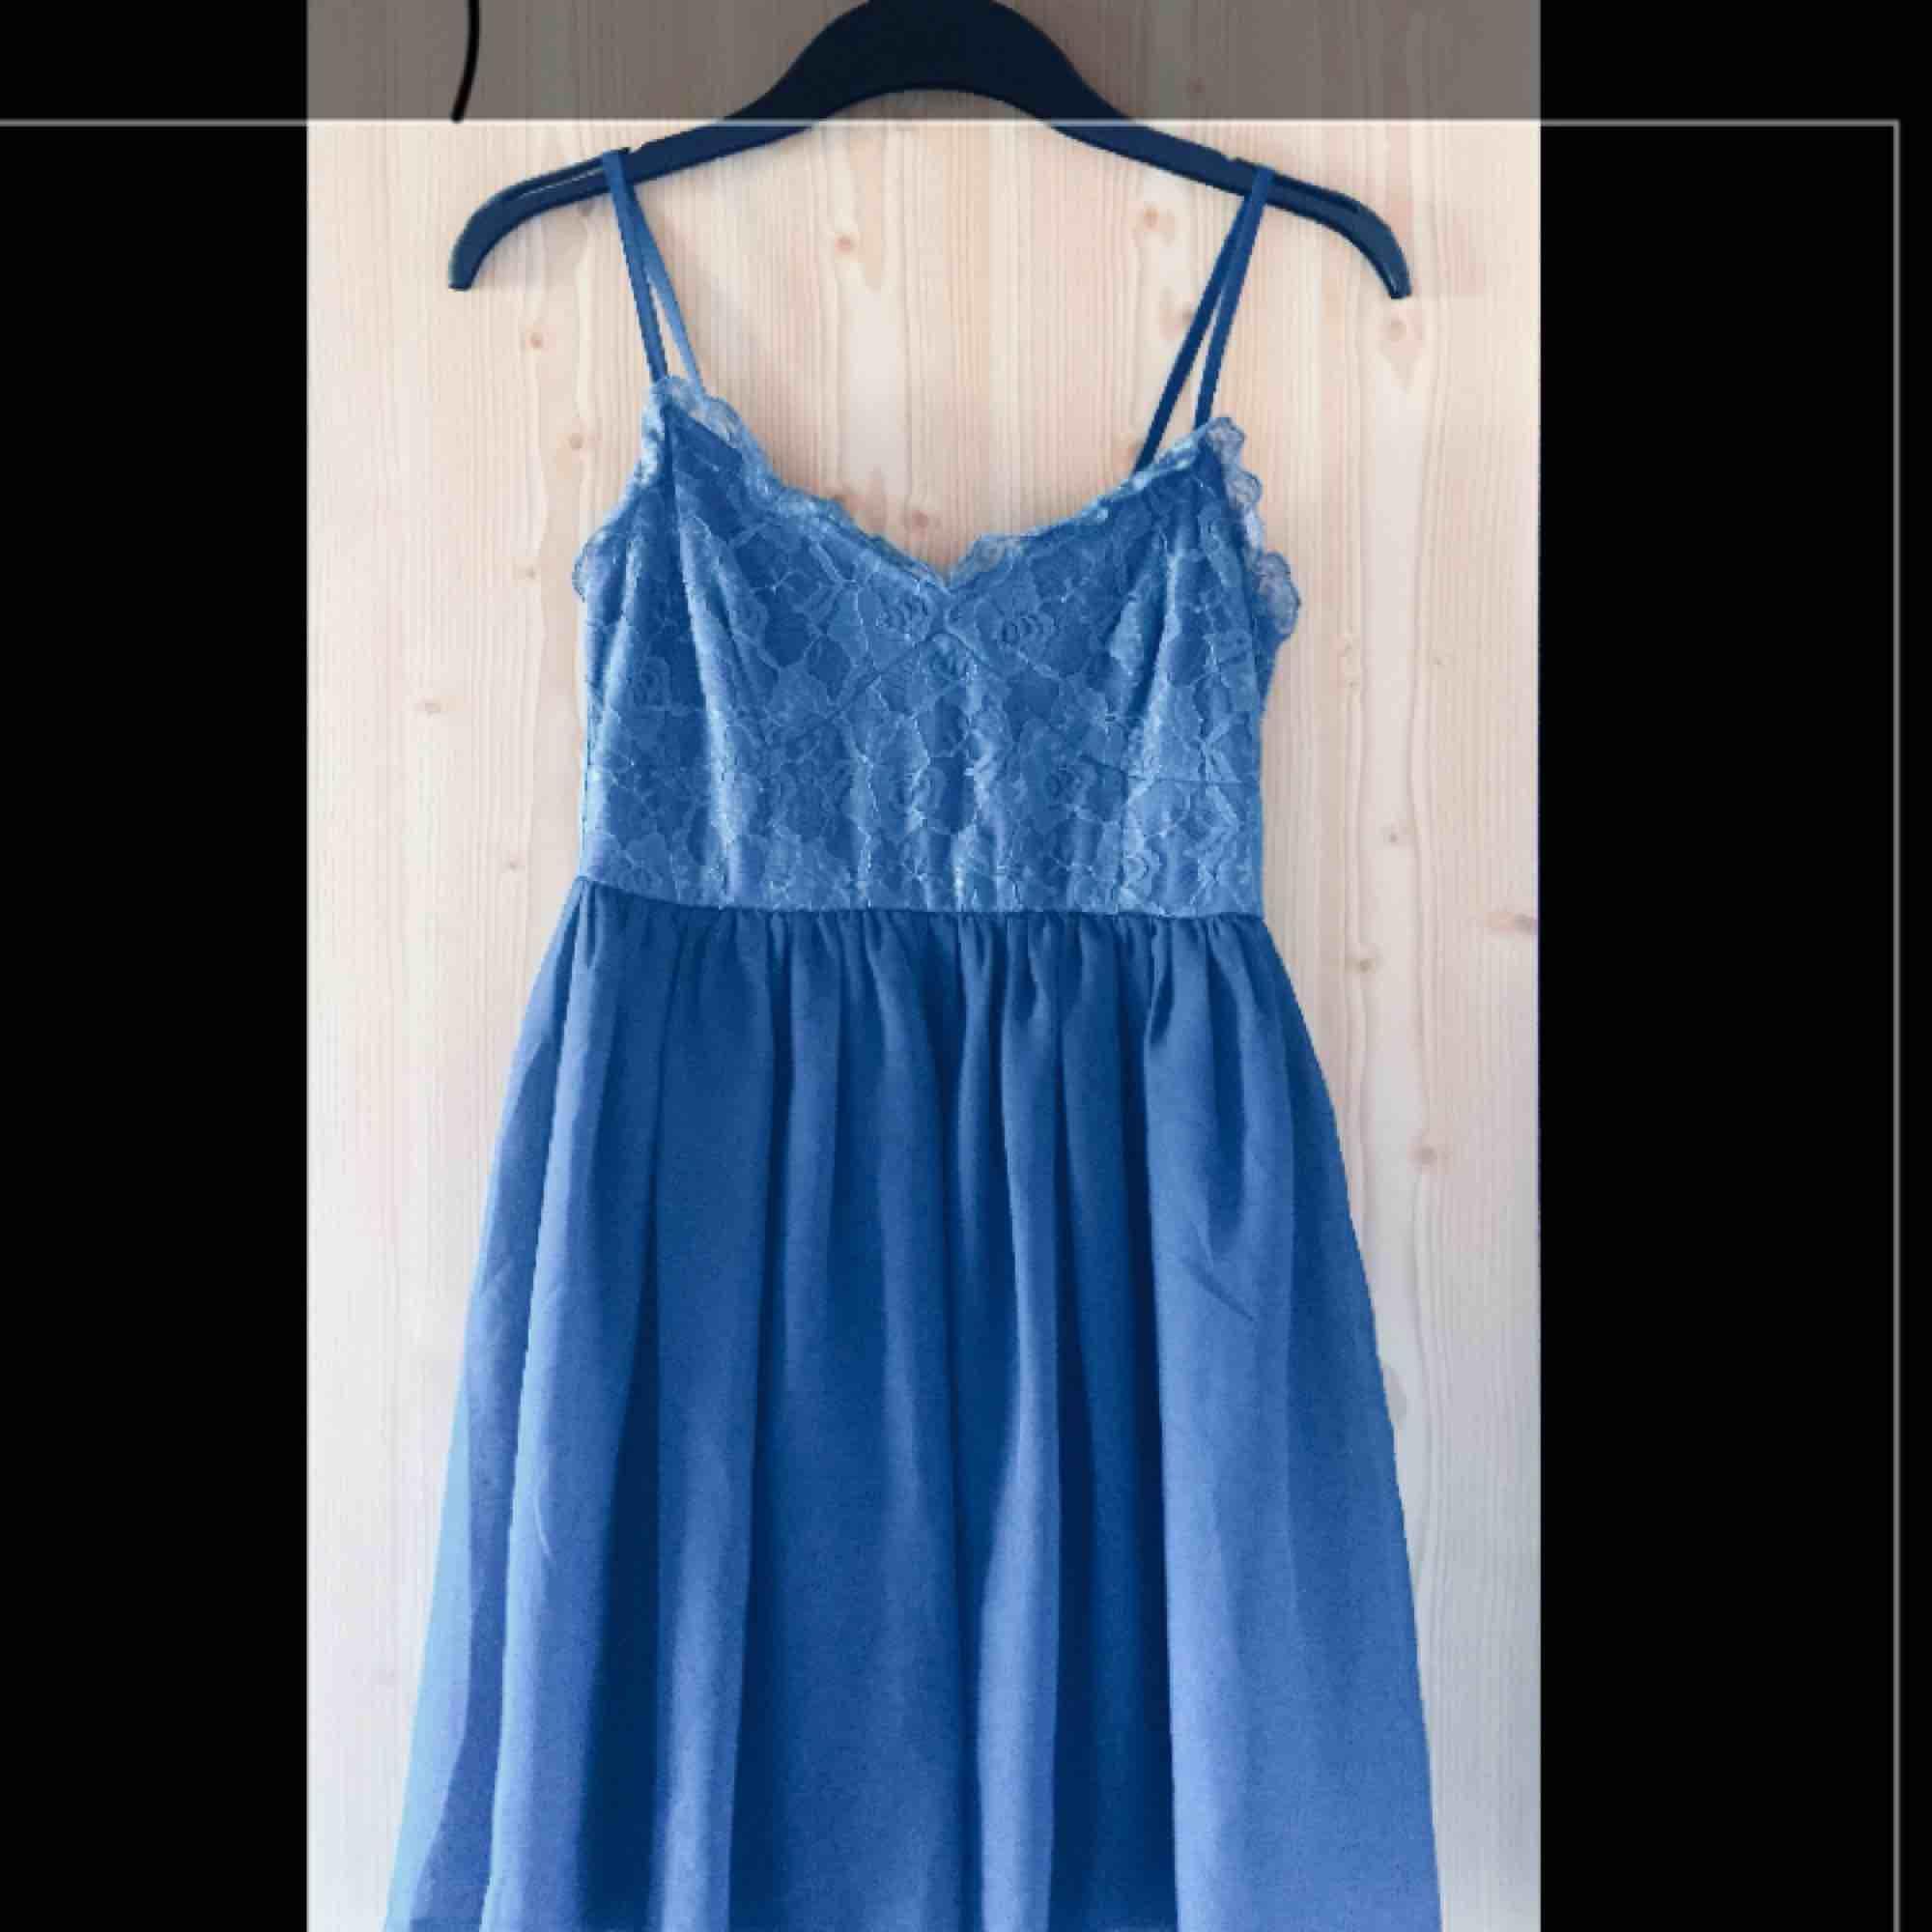 Väldigt söt blå klänning med glänsande spetsdetaljer upptill och justerbara axelband. Passar både till fest och vardag.. Klänningar.